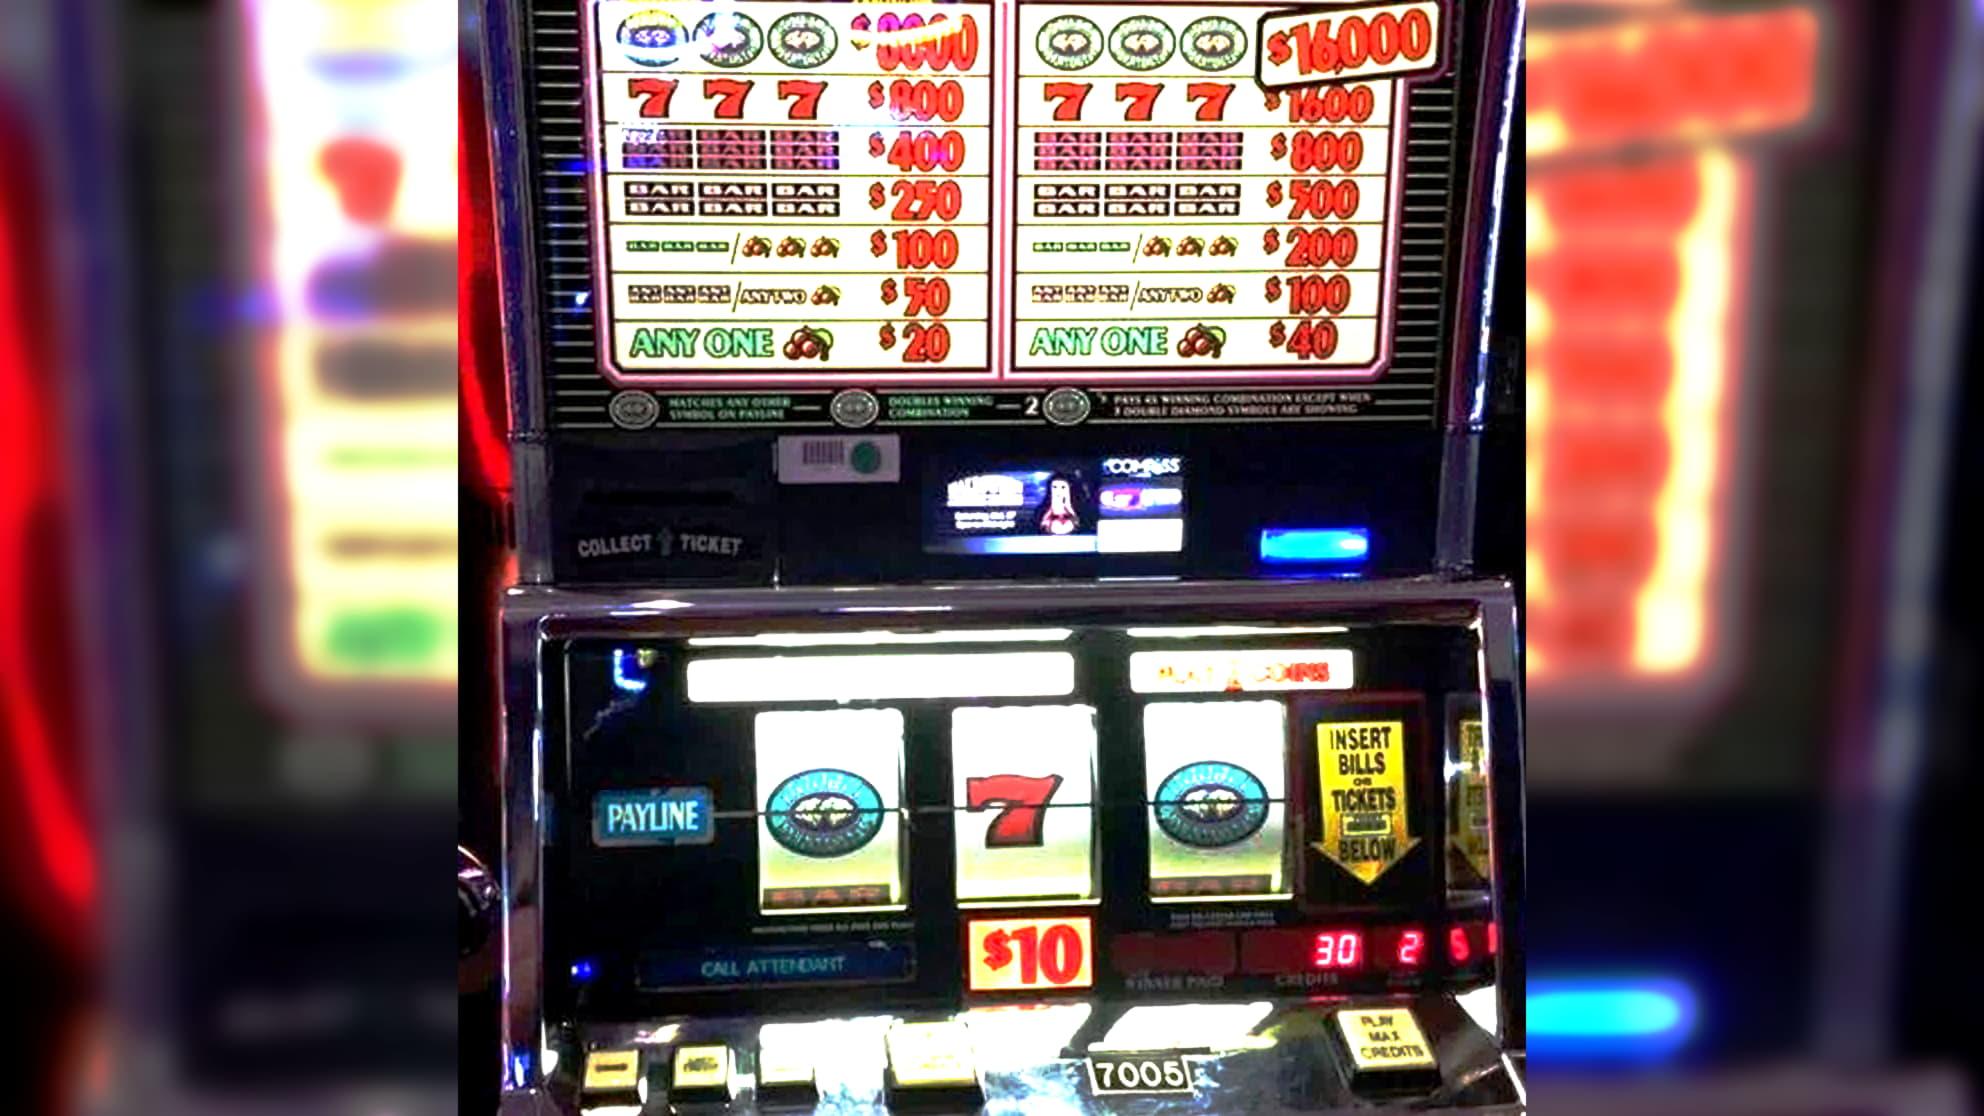 Bet casino grand bay bonus codes